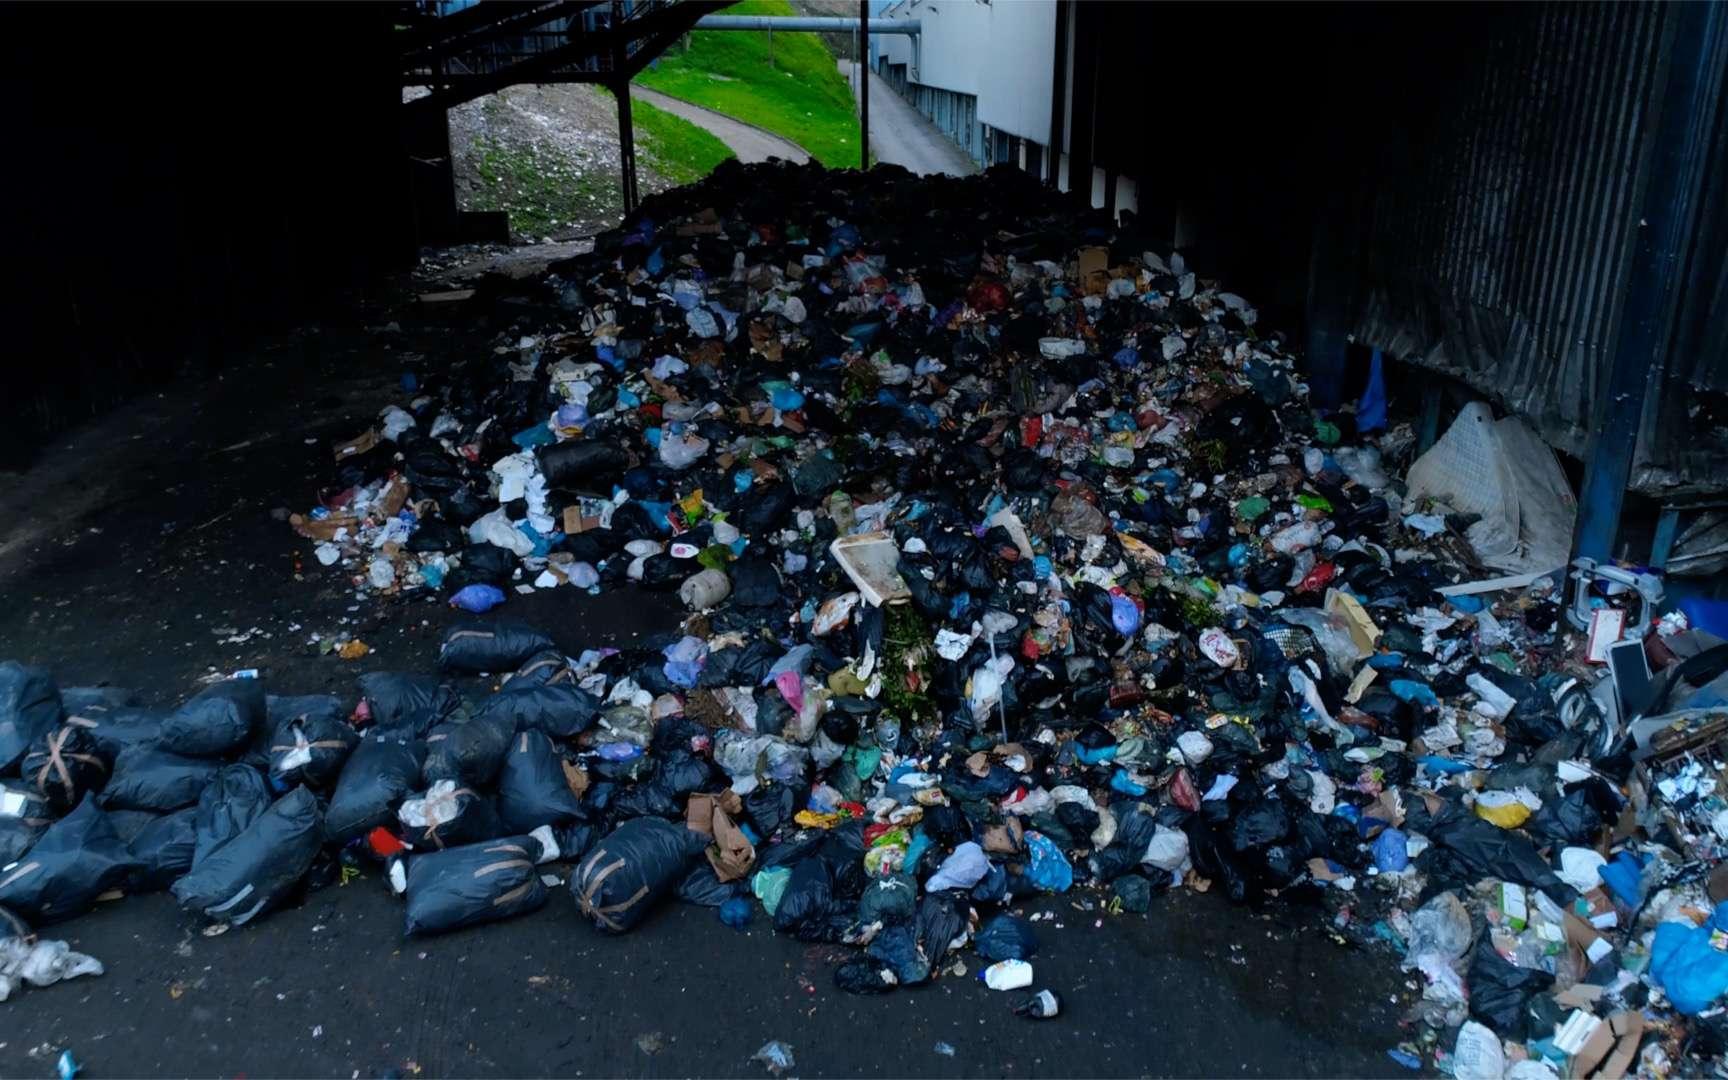 Un amas de déchets dans un entrepôt